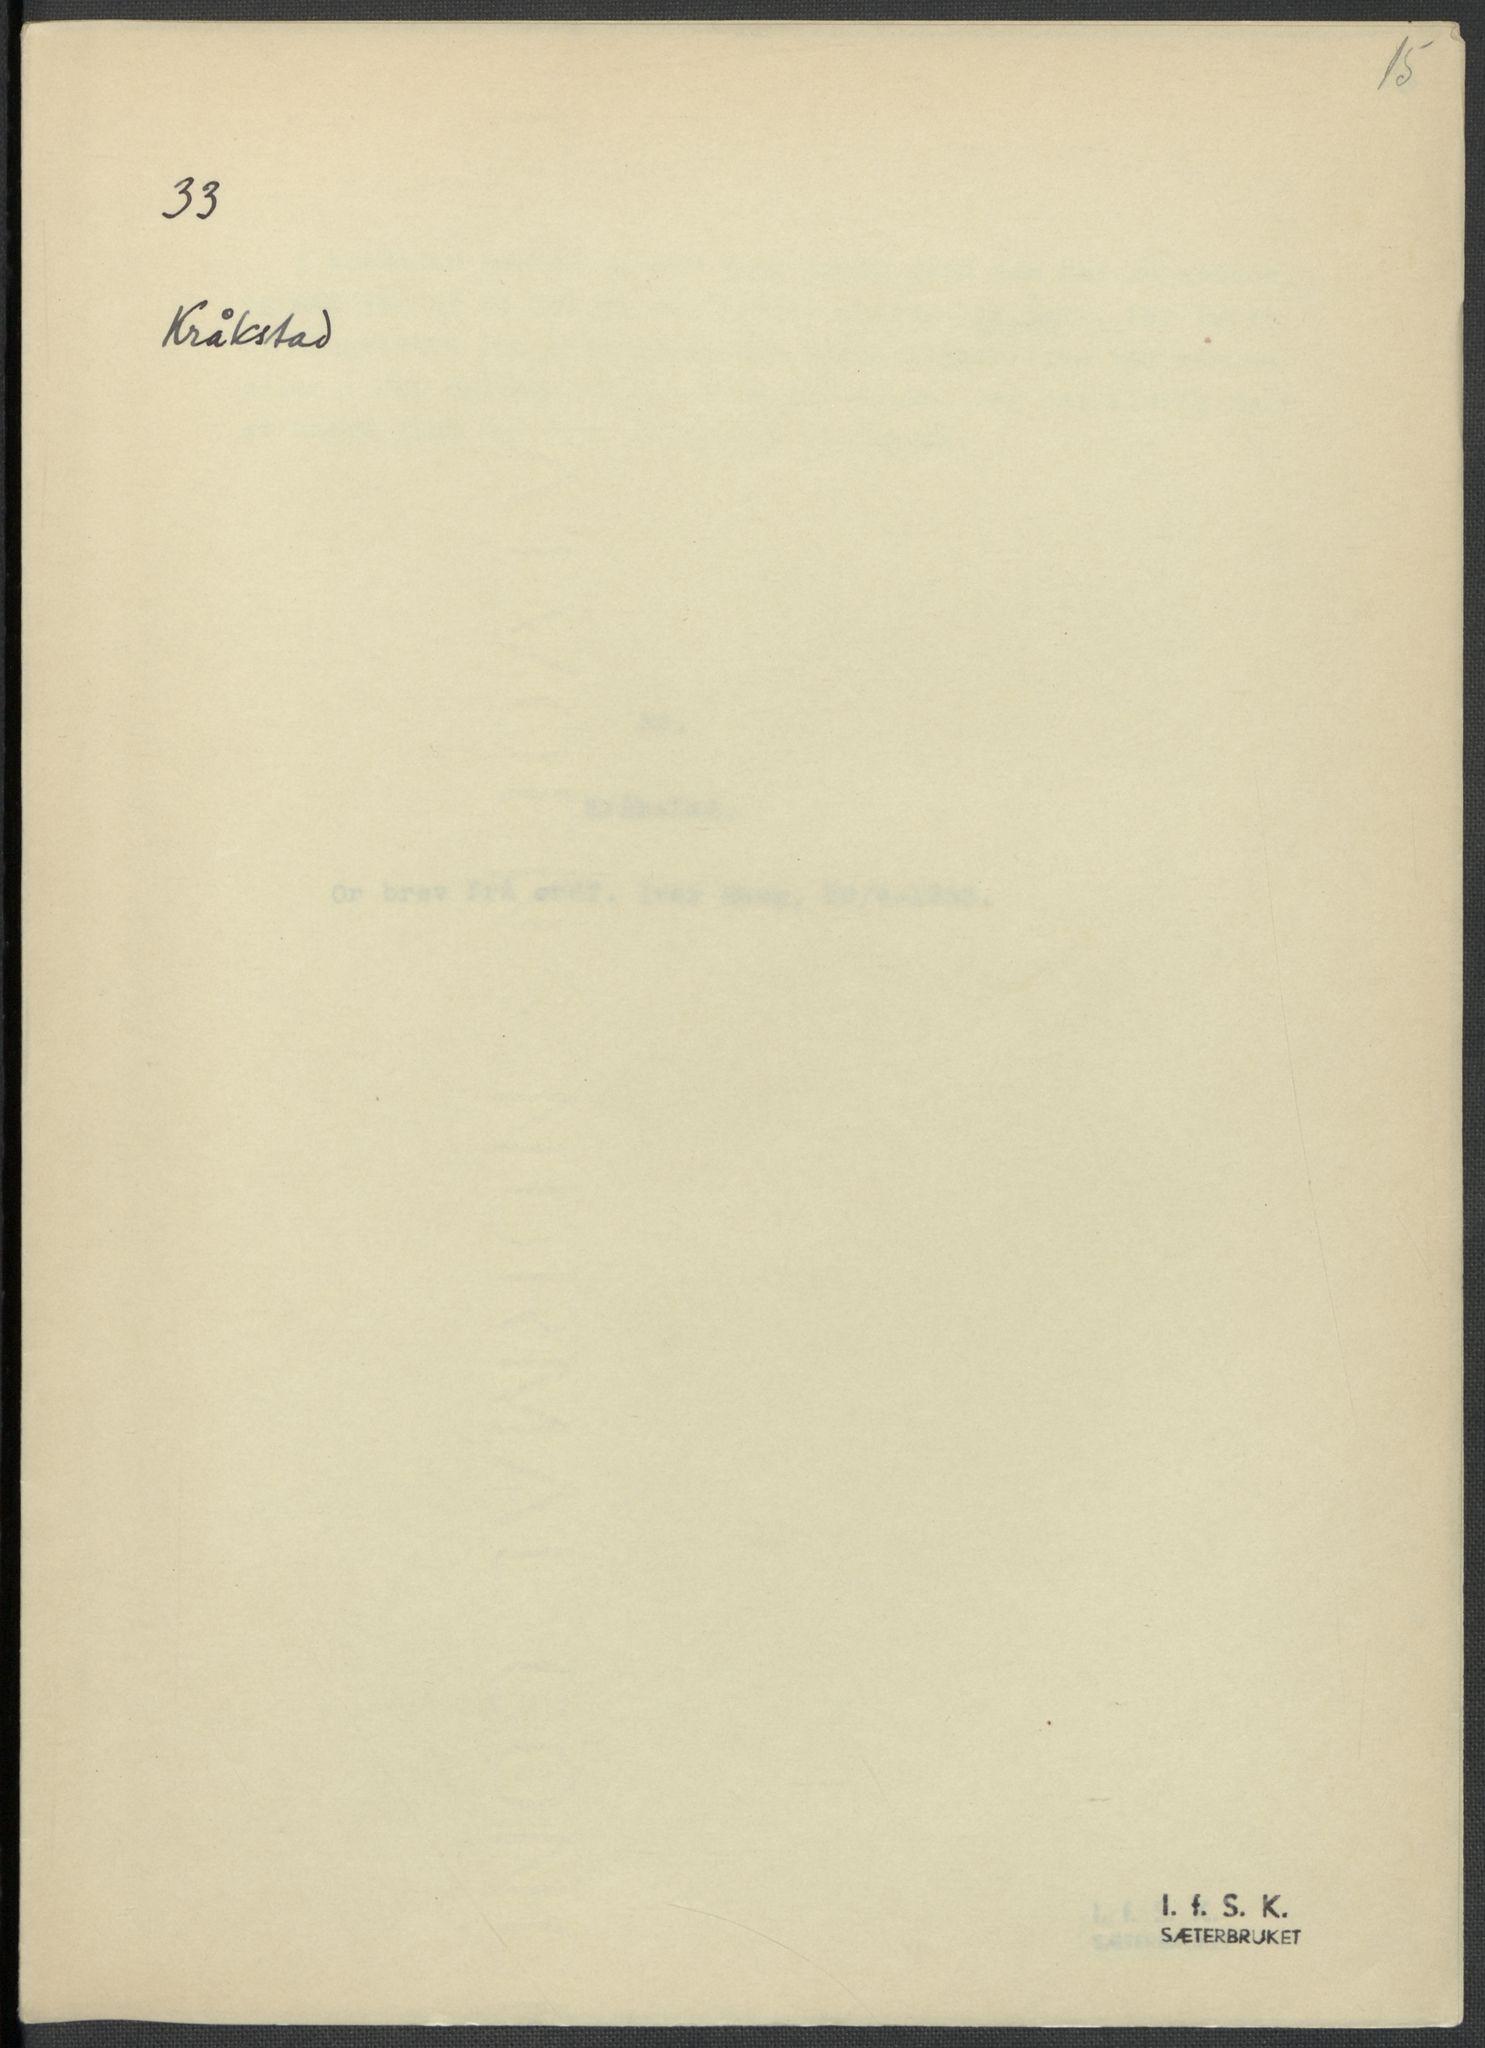 RA, Instituttet for sammenlignende kulturforskning, F/Fc/L0002: Eske B2:, 1932-1936, s. 15